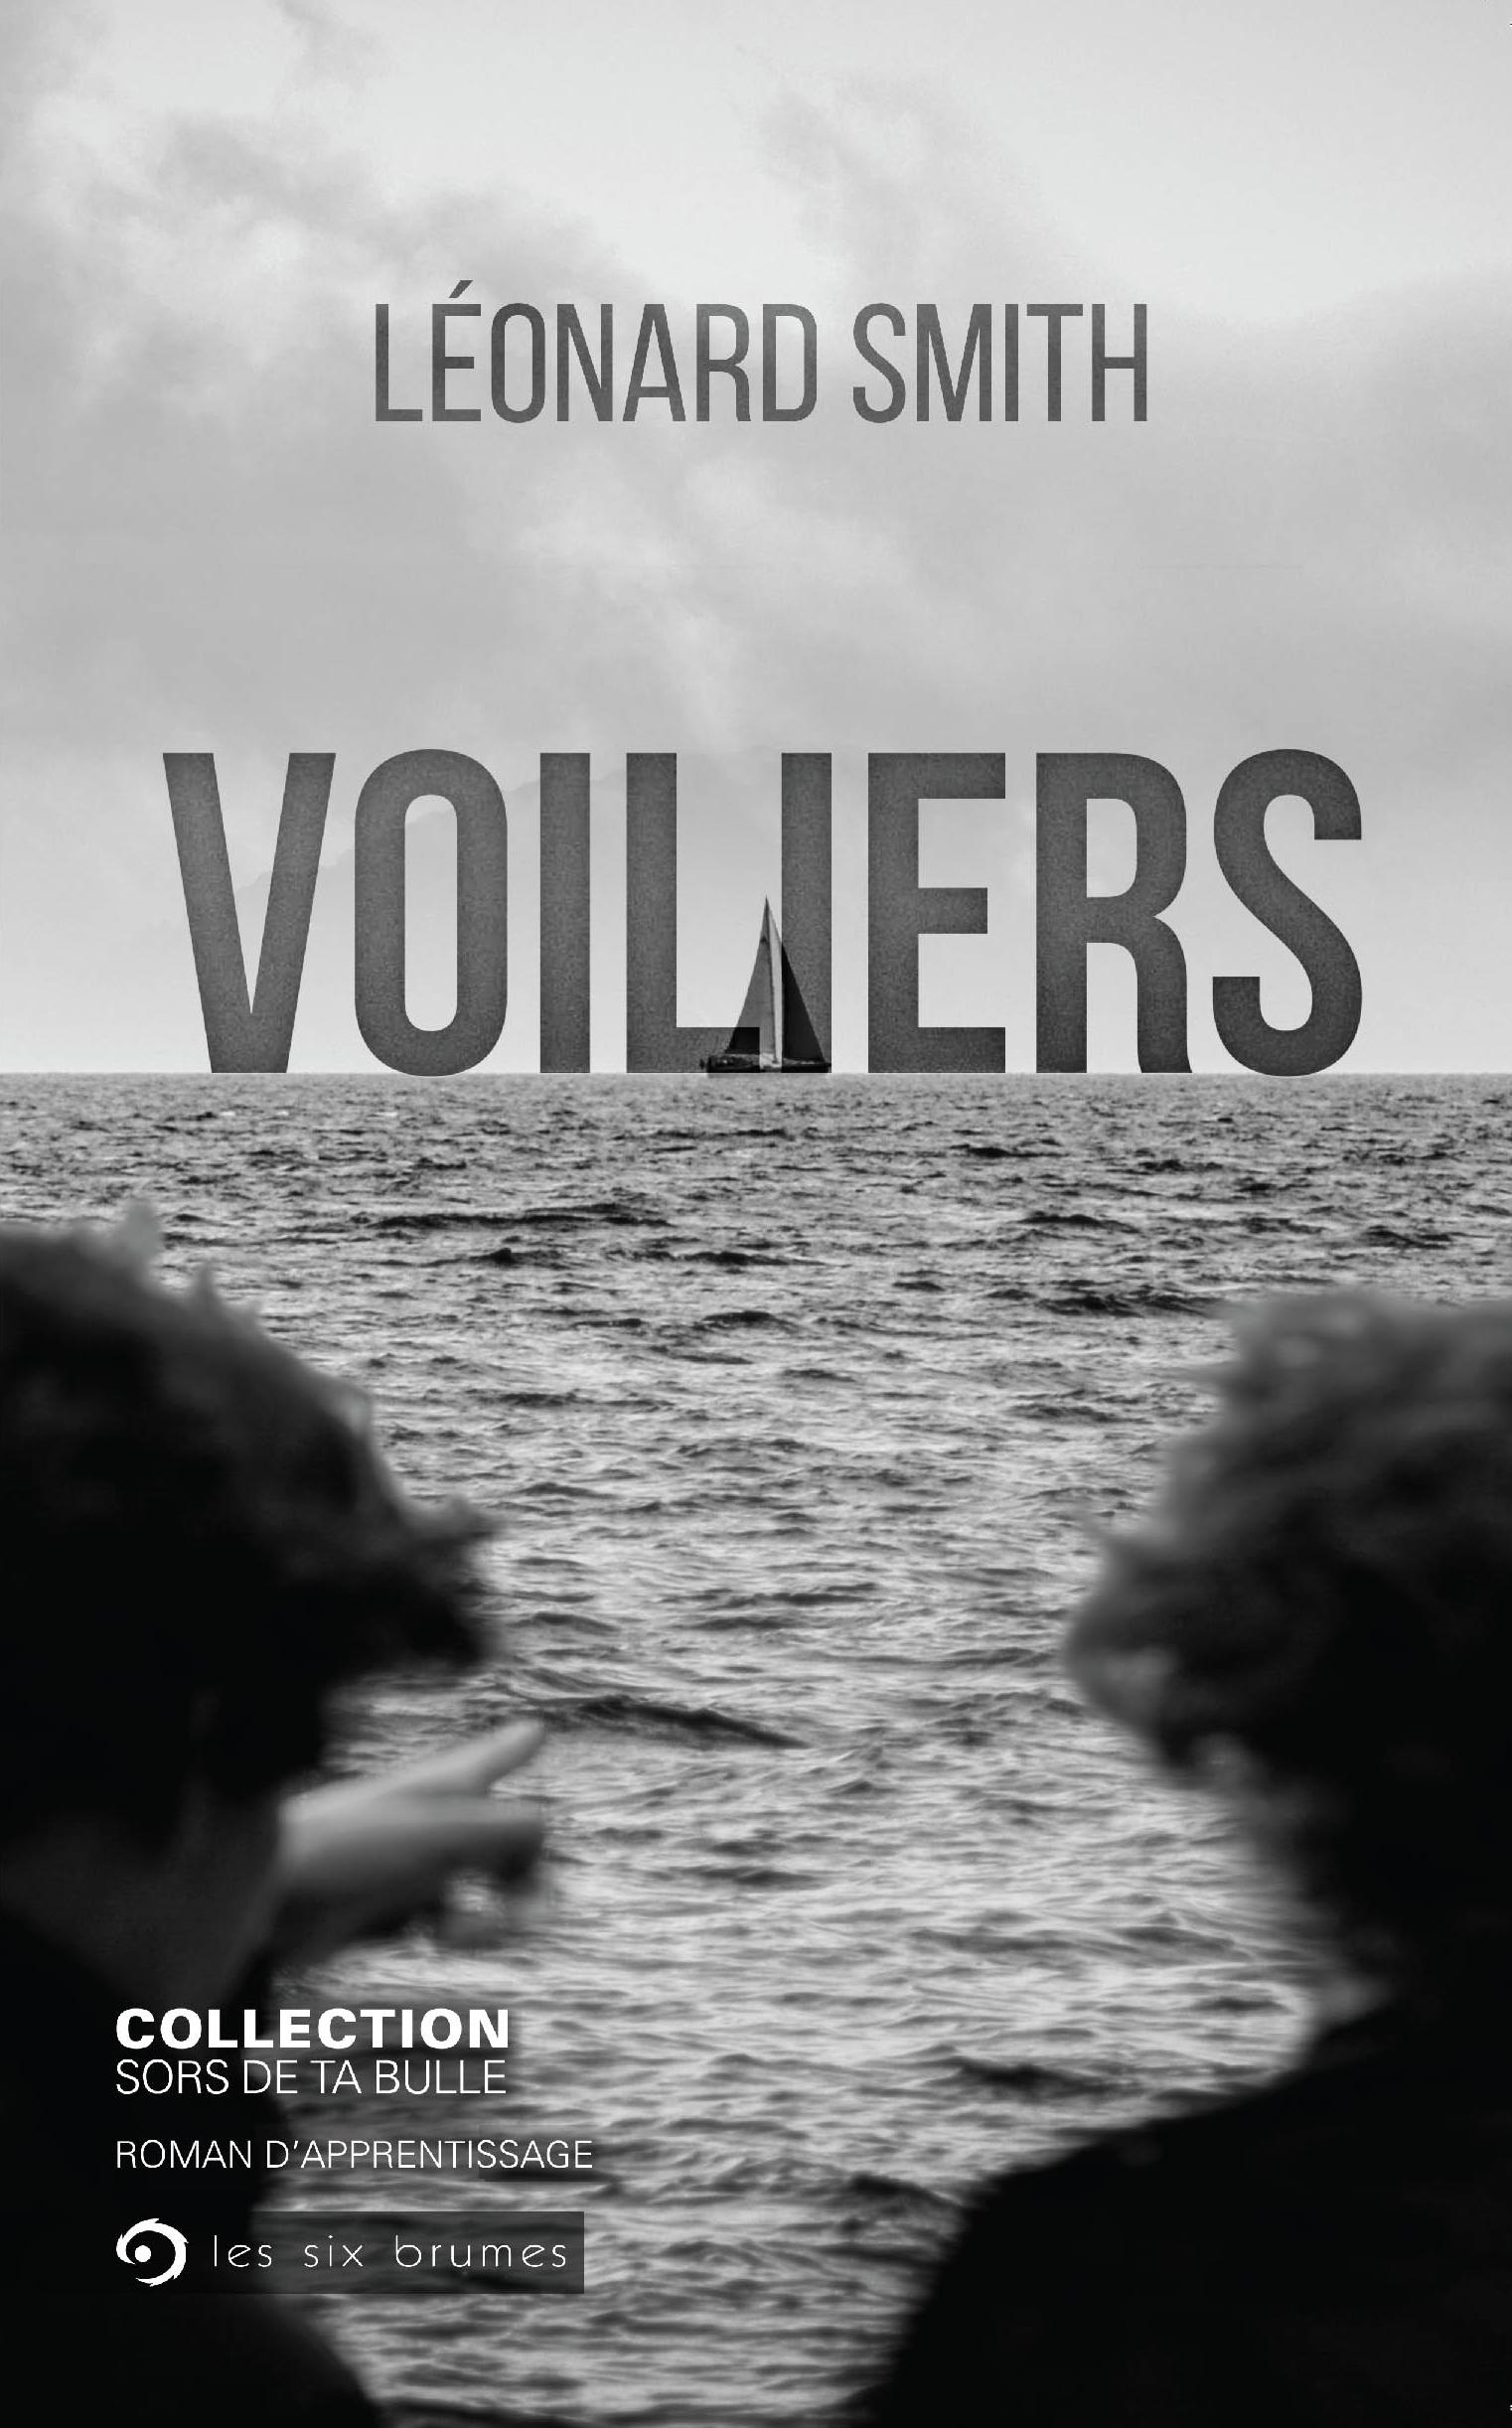 Voiliers, un roman d'apprentissage de Léonard Smith, gagnant de l'édition 2018 du concours Sors de ta bulle!